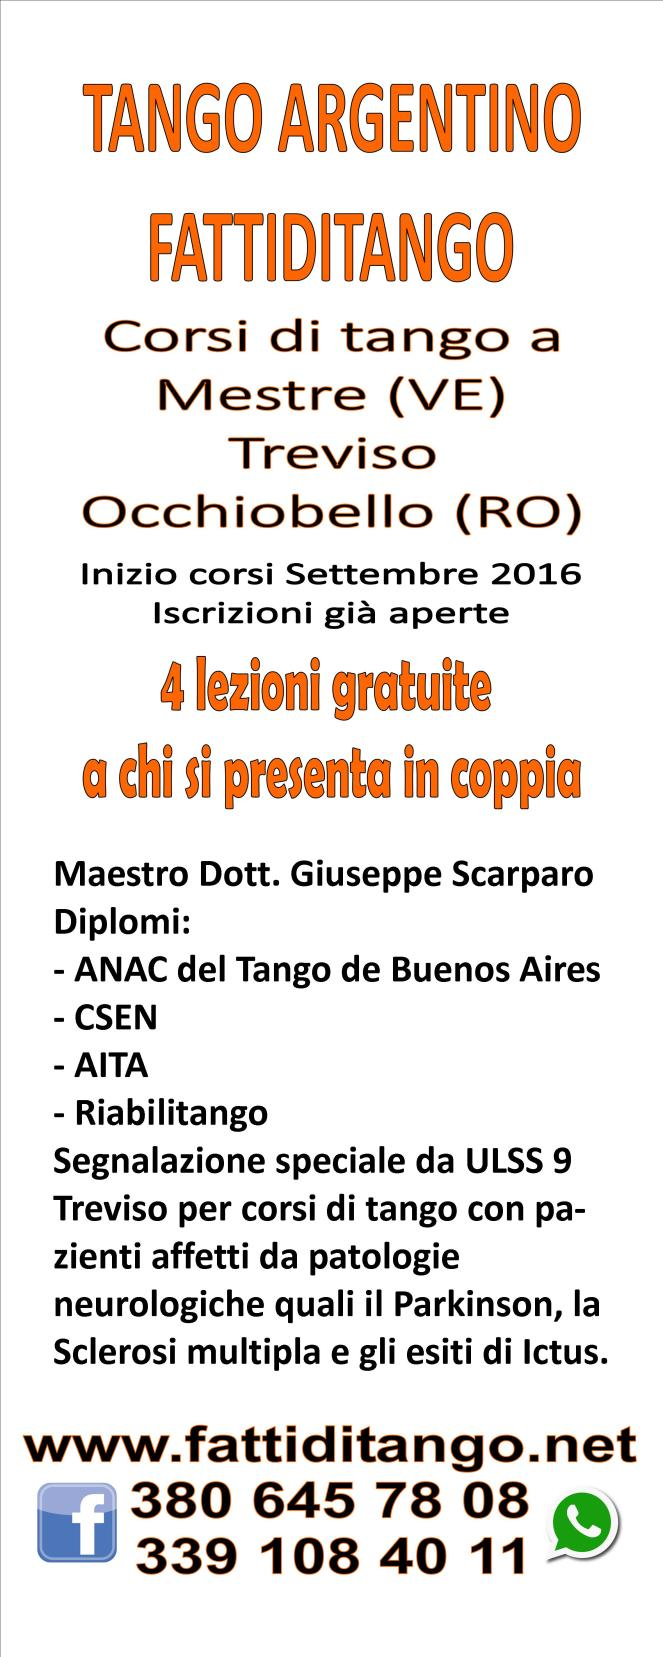 Corsi di tango argentino Mestre Treviso Occhiobello Fattiditango